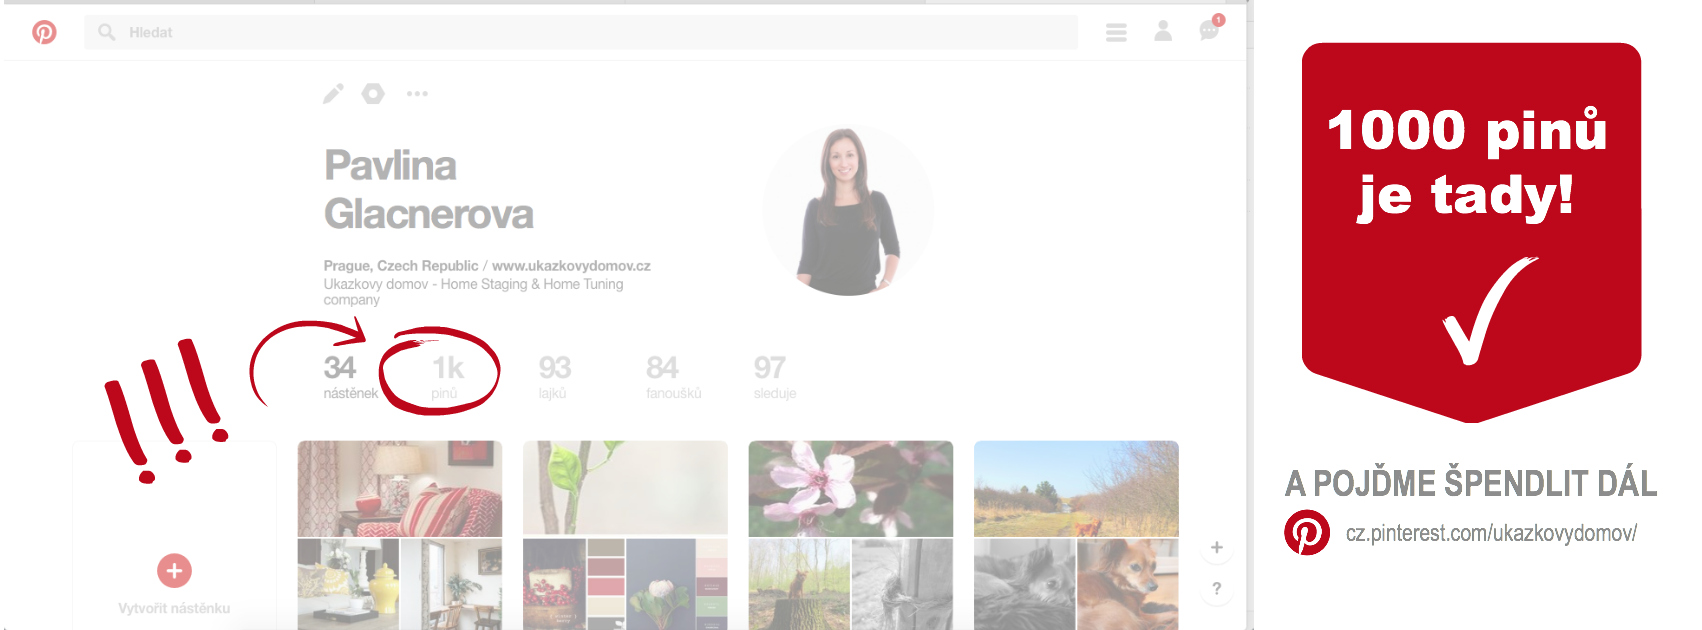 1000 pinů na Pinterestu